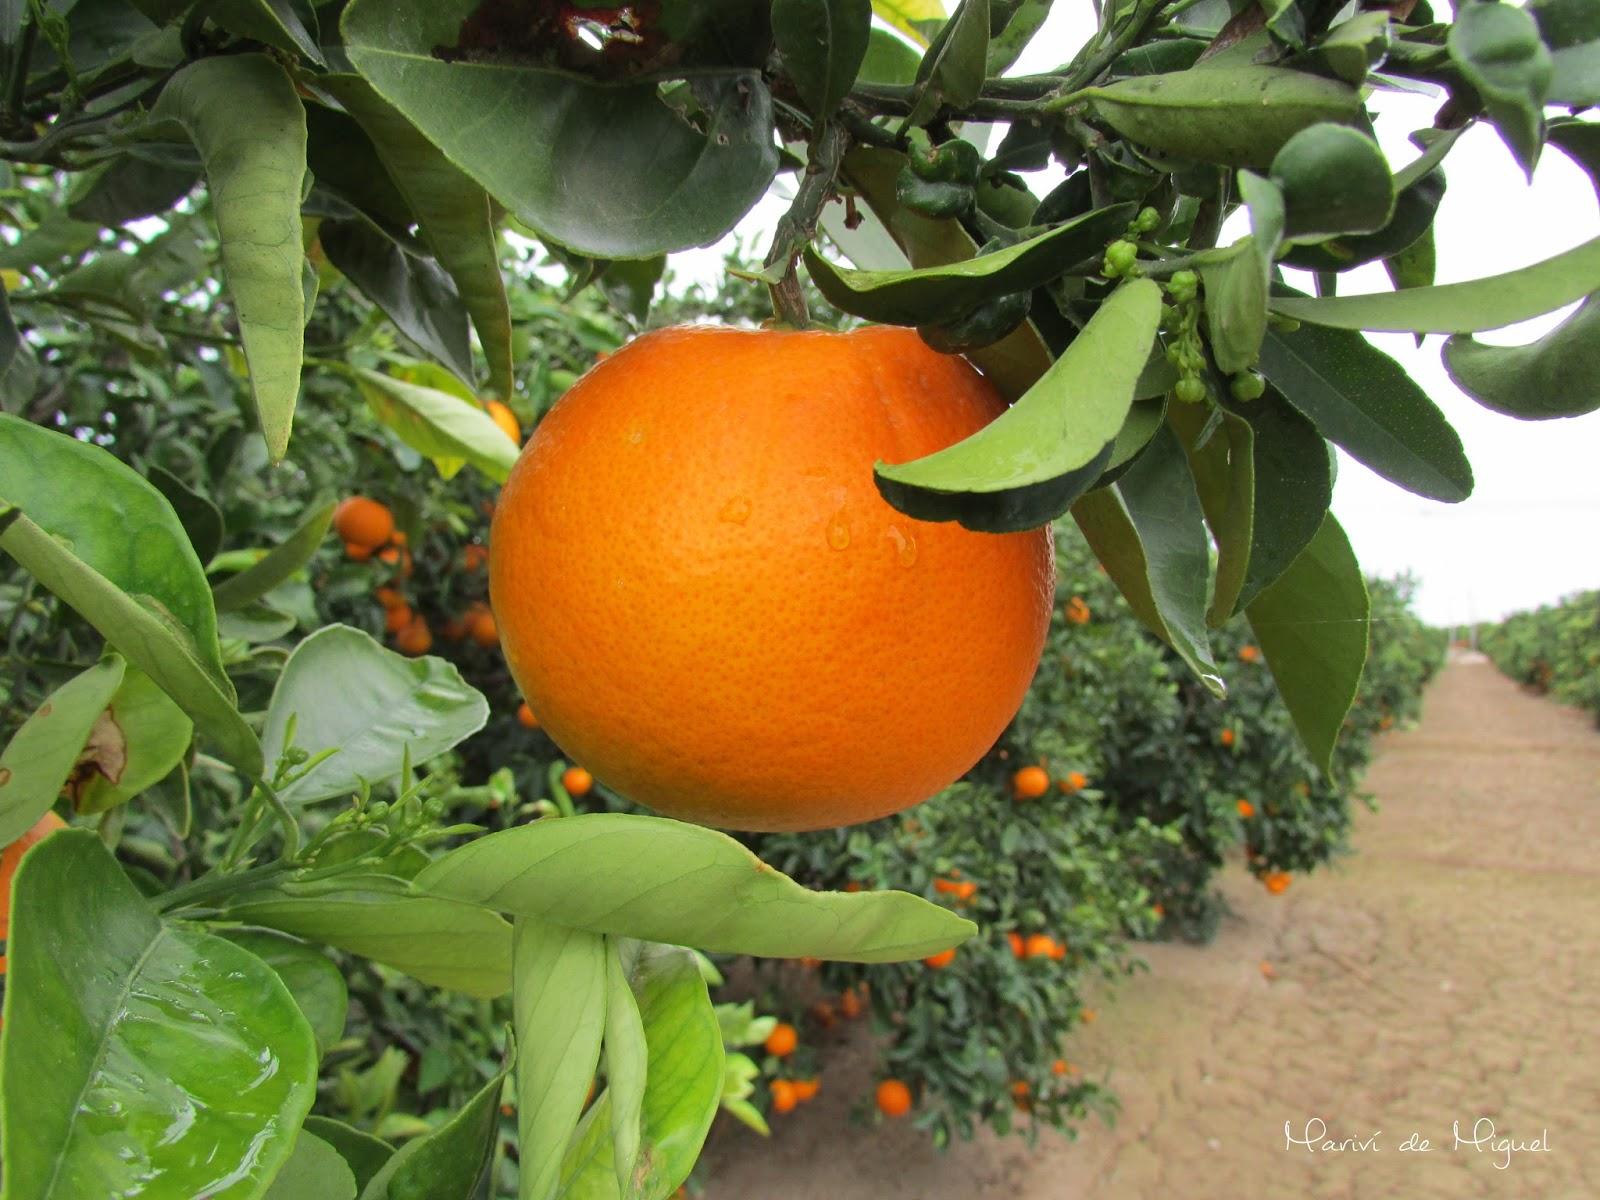 Otoño - Naranjas